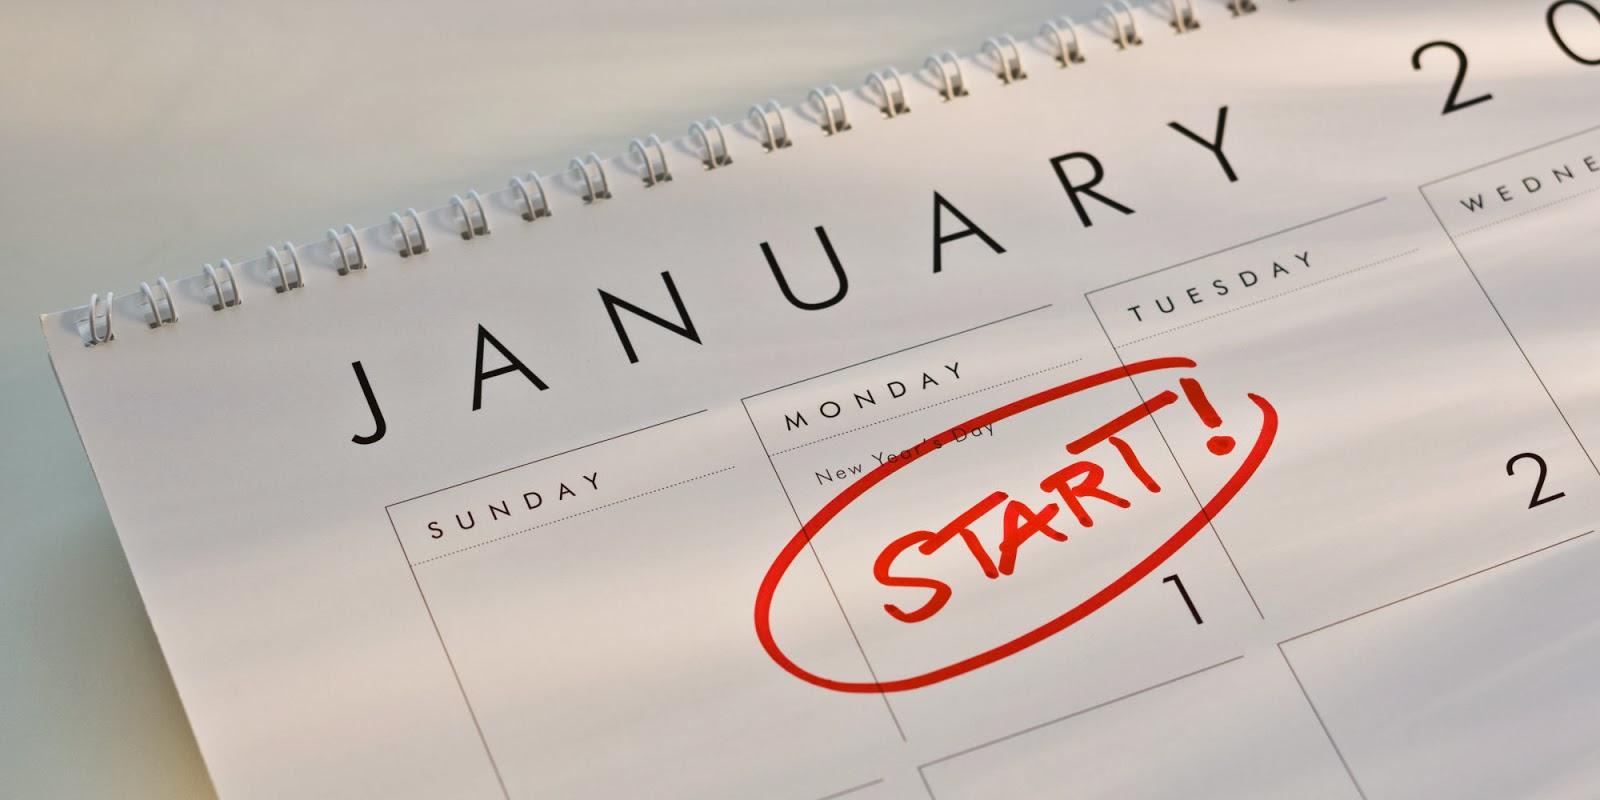 En vez de hacerte propósitos de año nuevo, deberías hacer esto